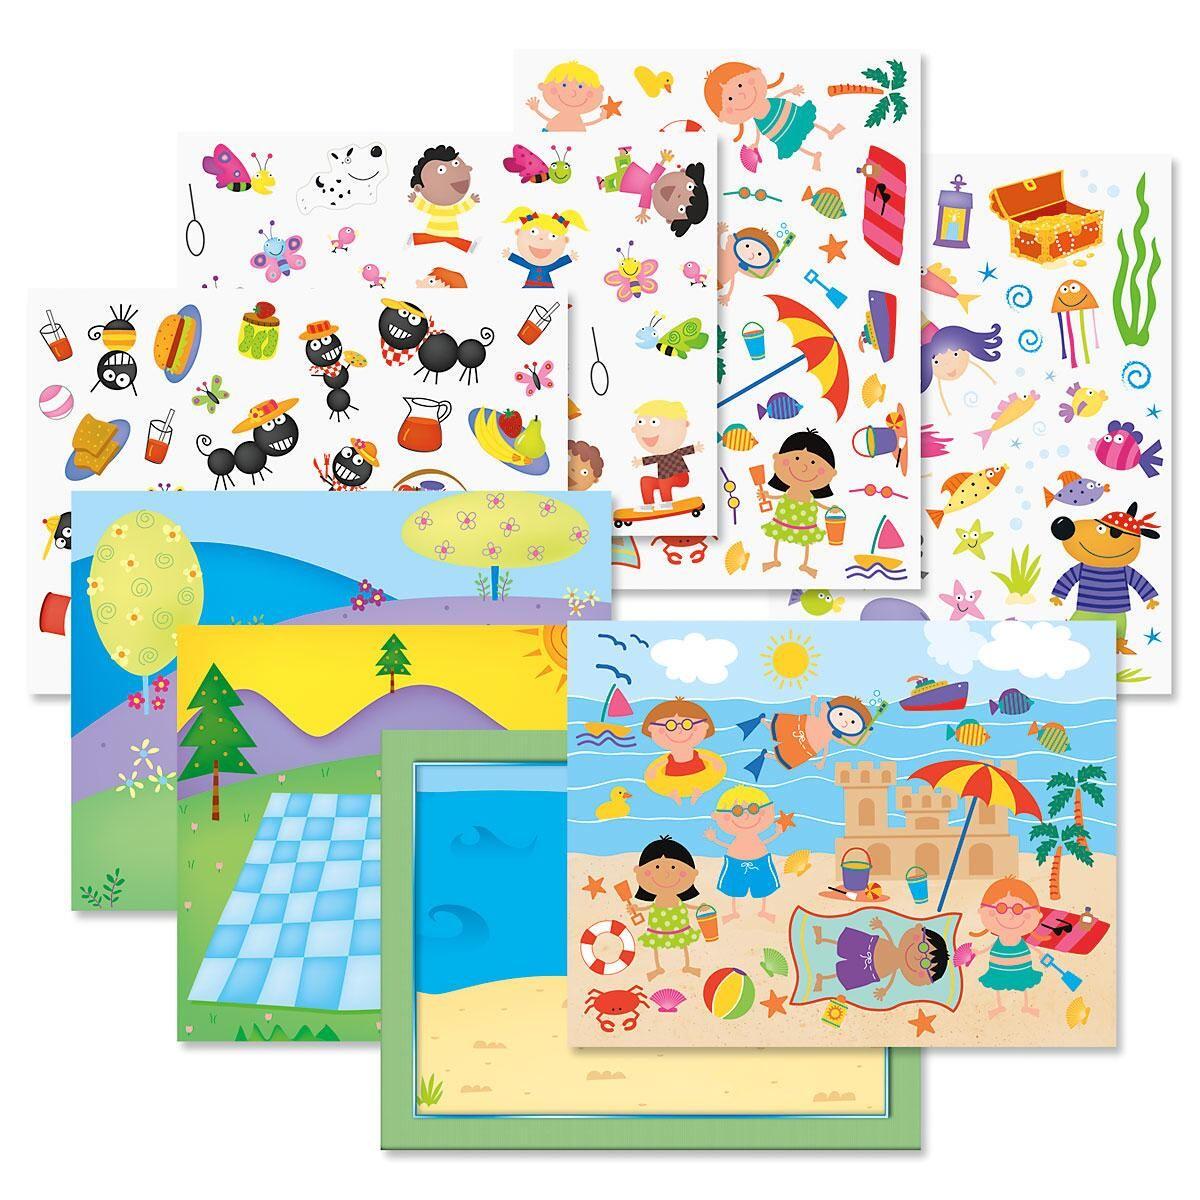 Sticker Scene Value Pack